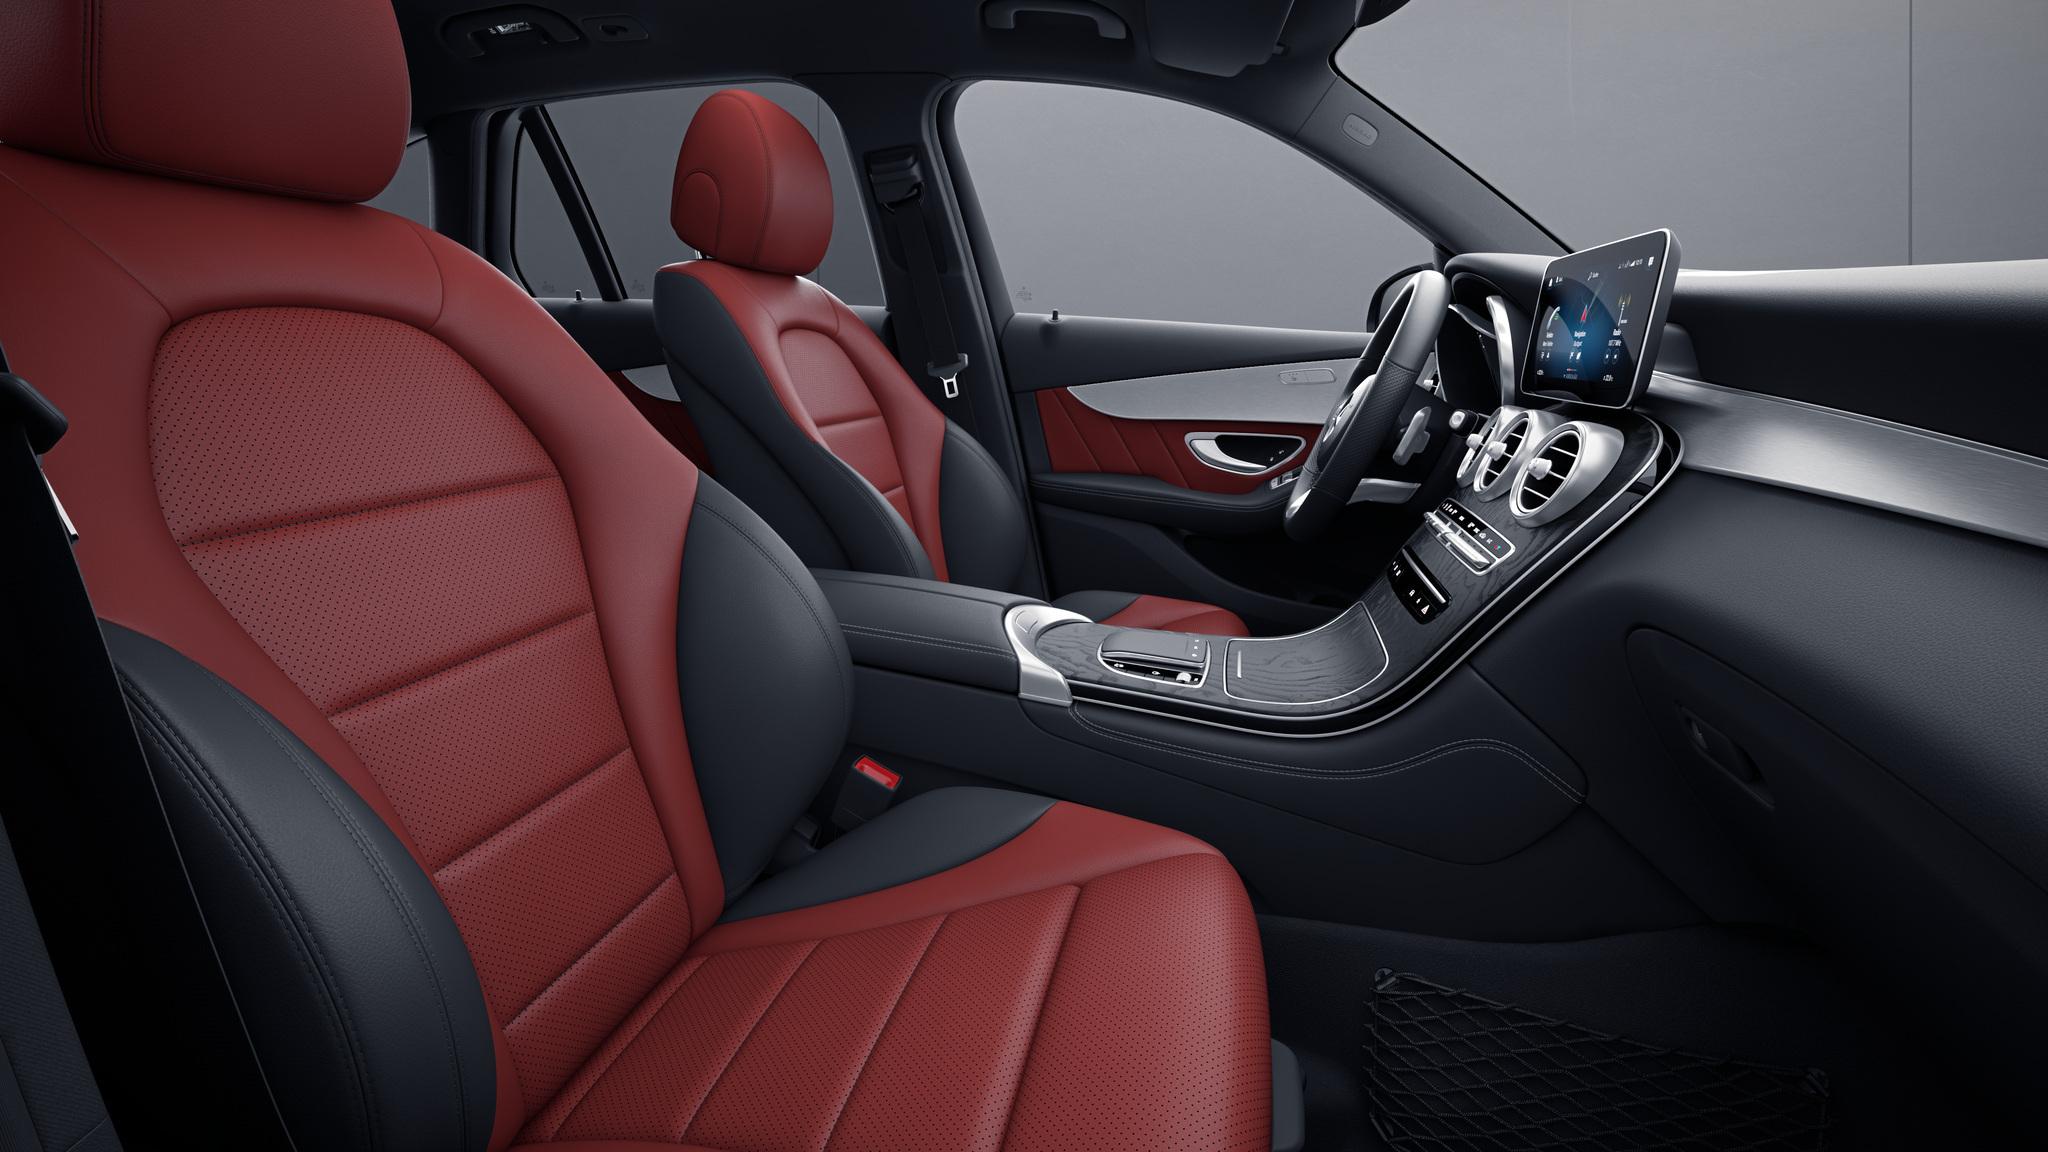 Habitacle de la Mercedes GLC Coupé avec une Sellerie Similicuir Artico Bicolore - rouge craneberry noir